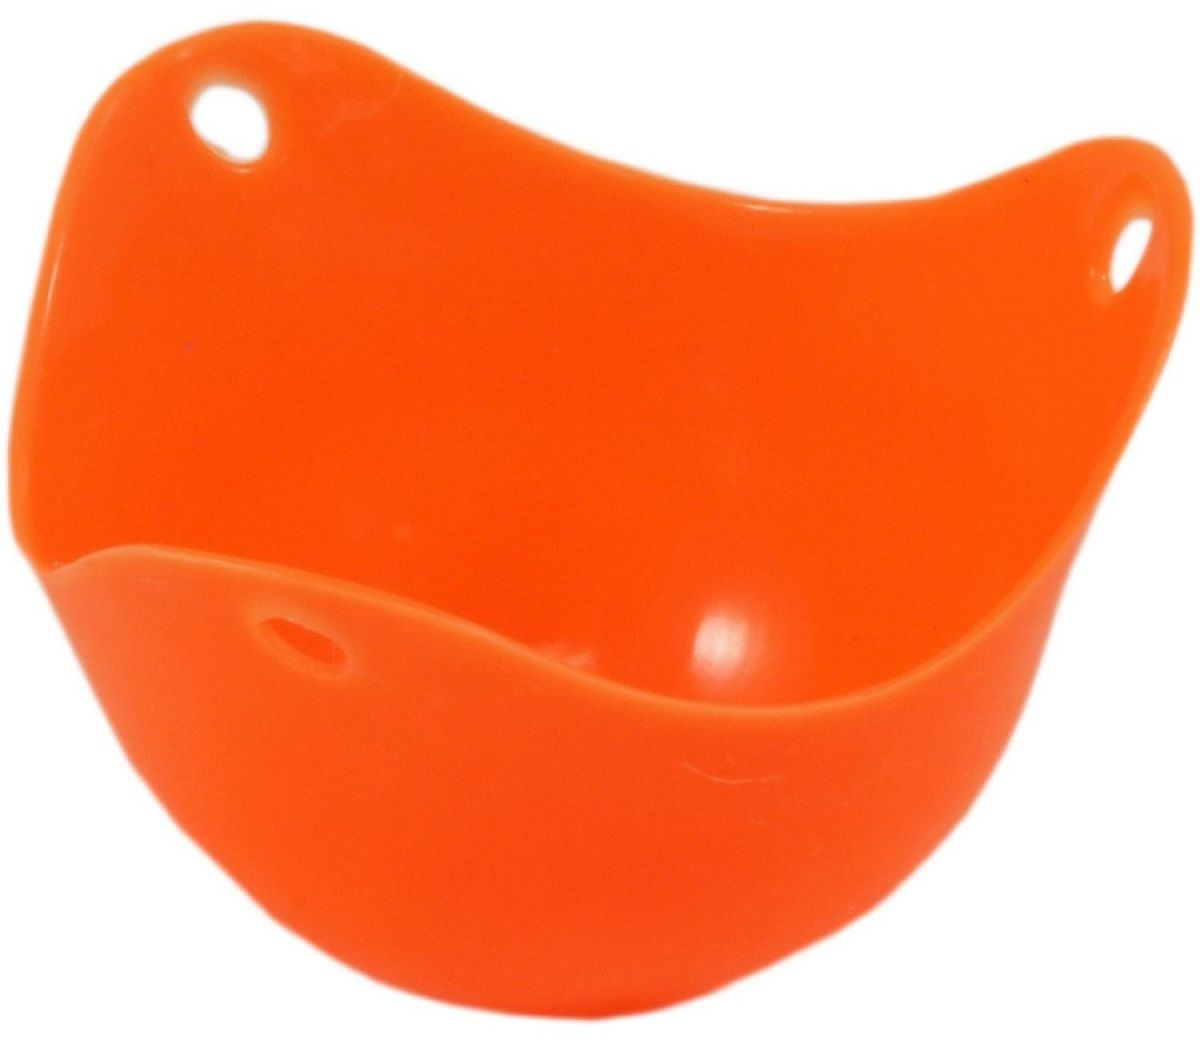 Форма для варки яиц FidgetGo Пашот, цвет: оранжевый, 9 х 6 см2212345678941С этой формой для варки яиц приготовить традиционное французское блюдо для завтрака - яйца пашот становится очень просто!.Разбейте яйцо в гибкую силиконовую форму и опустите ее в кипящую воду. Ну а через несколько минут выньте, переверните формочку и нежно надавите – готовый завтрак сам упадет вам в тарелку! Форма выдерживает до 230°С, сделана из безопасного пищевого силикона. Ее можно мыть в посудомоечной машине или использовать в микроволновке.